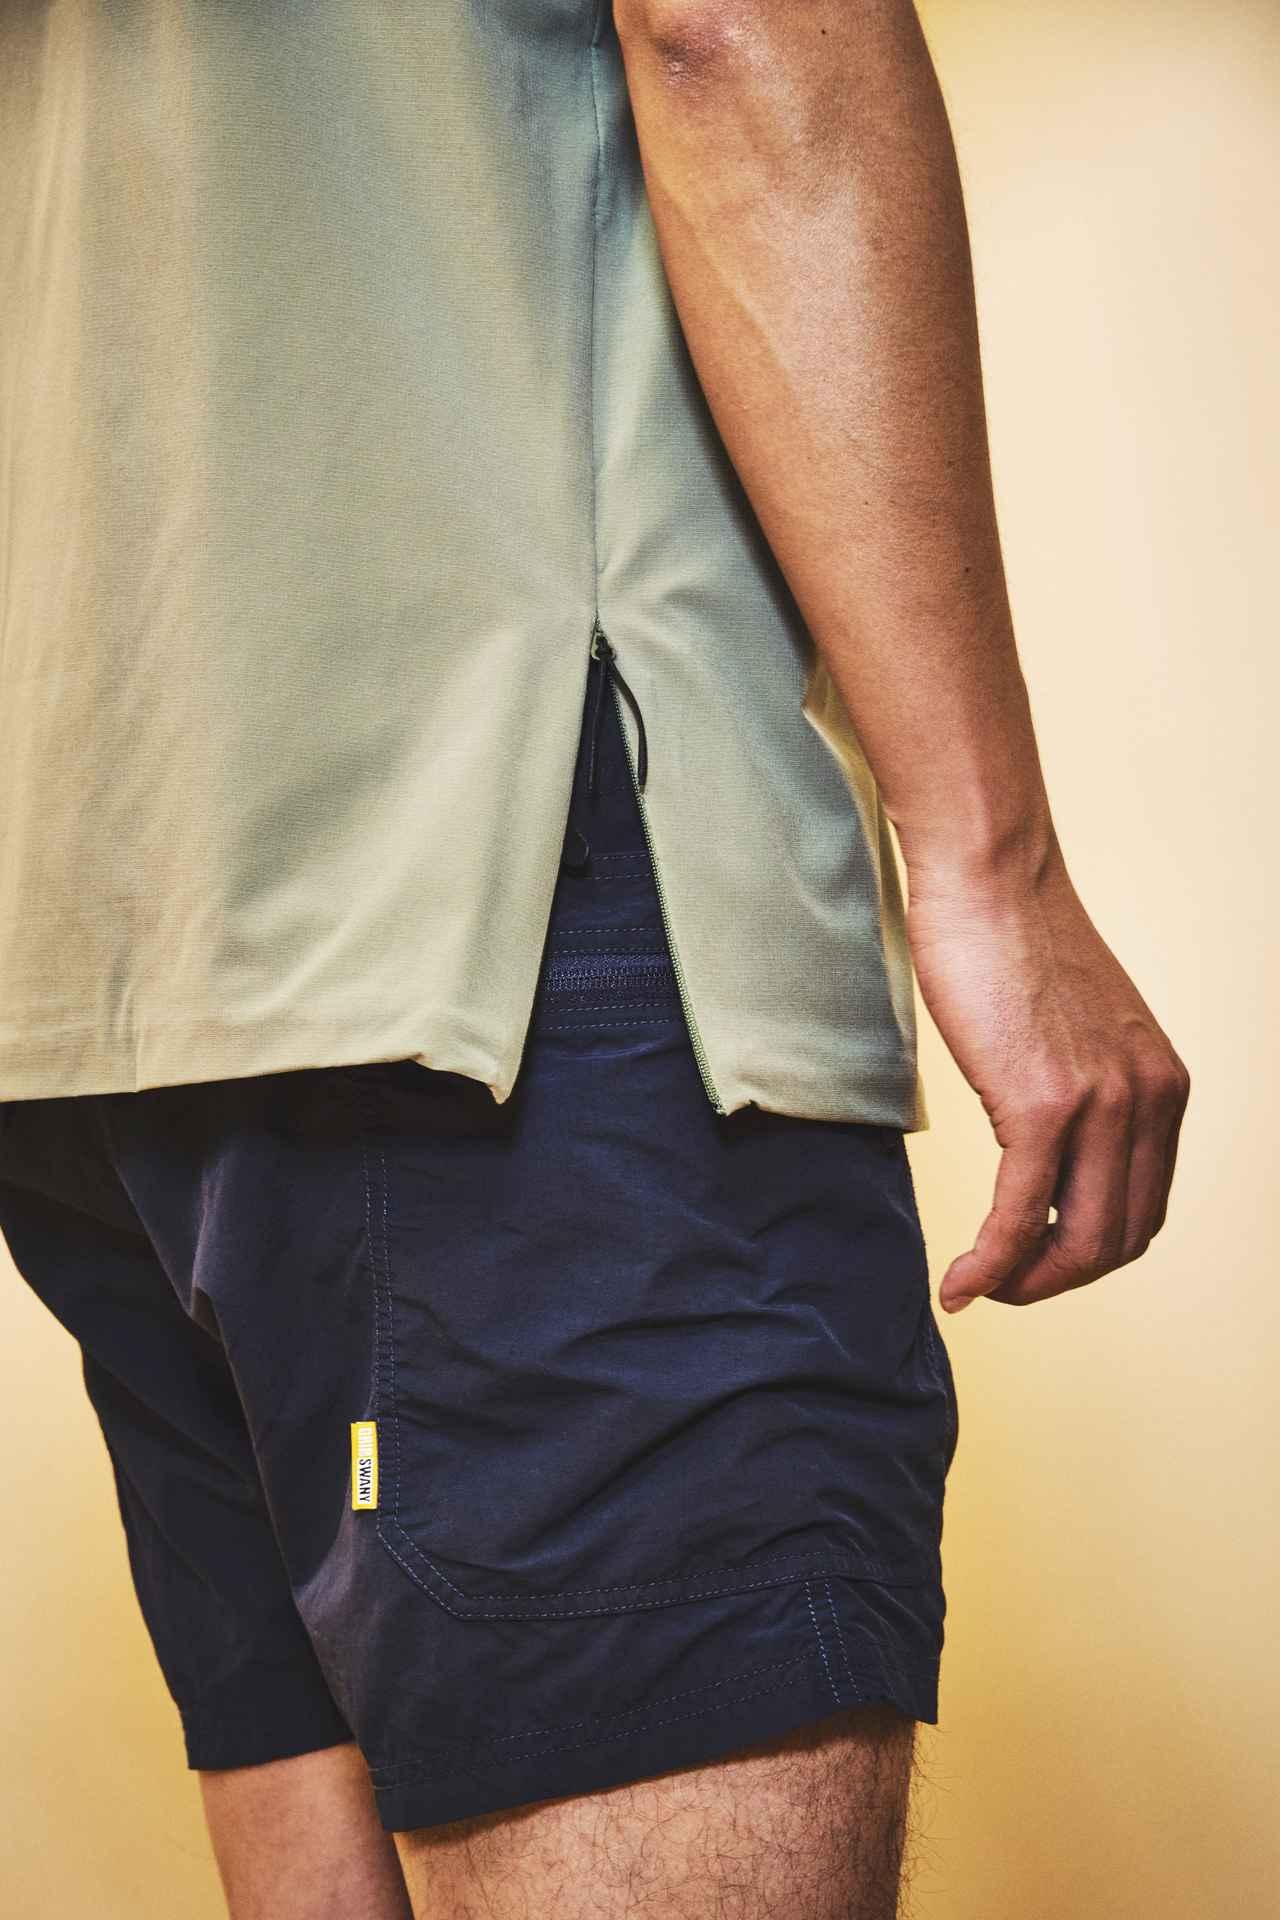 画像4: 【注目リリース】 MERRELL(メレル)が4WAYストレッチシャツを新発売!アウトドアアクティビティから日常生活まで!